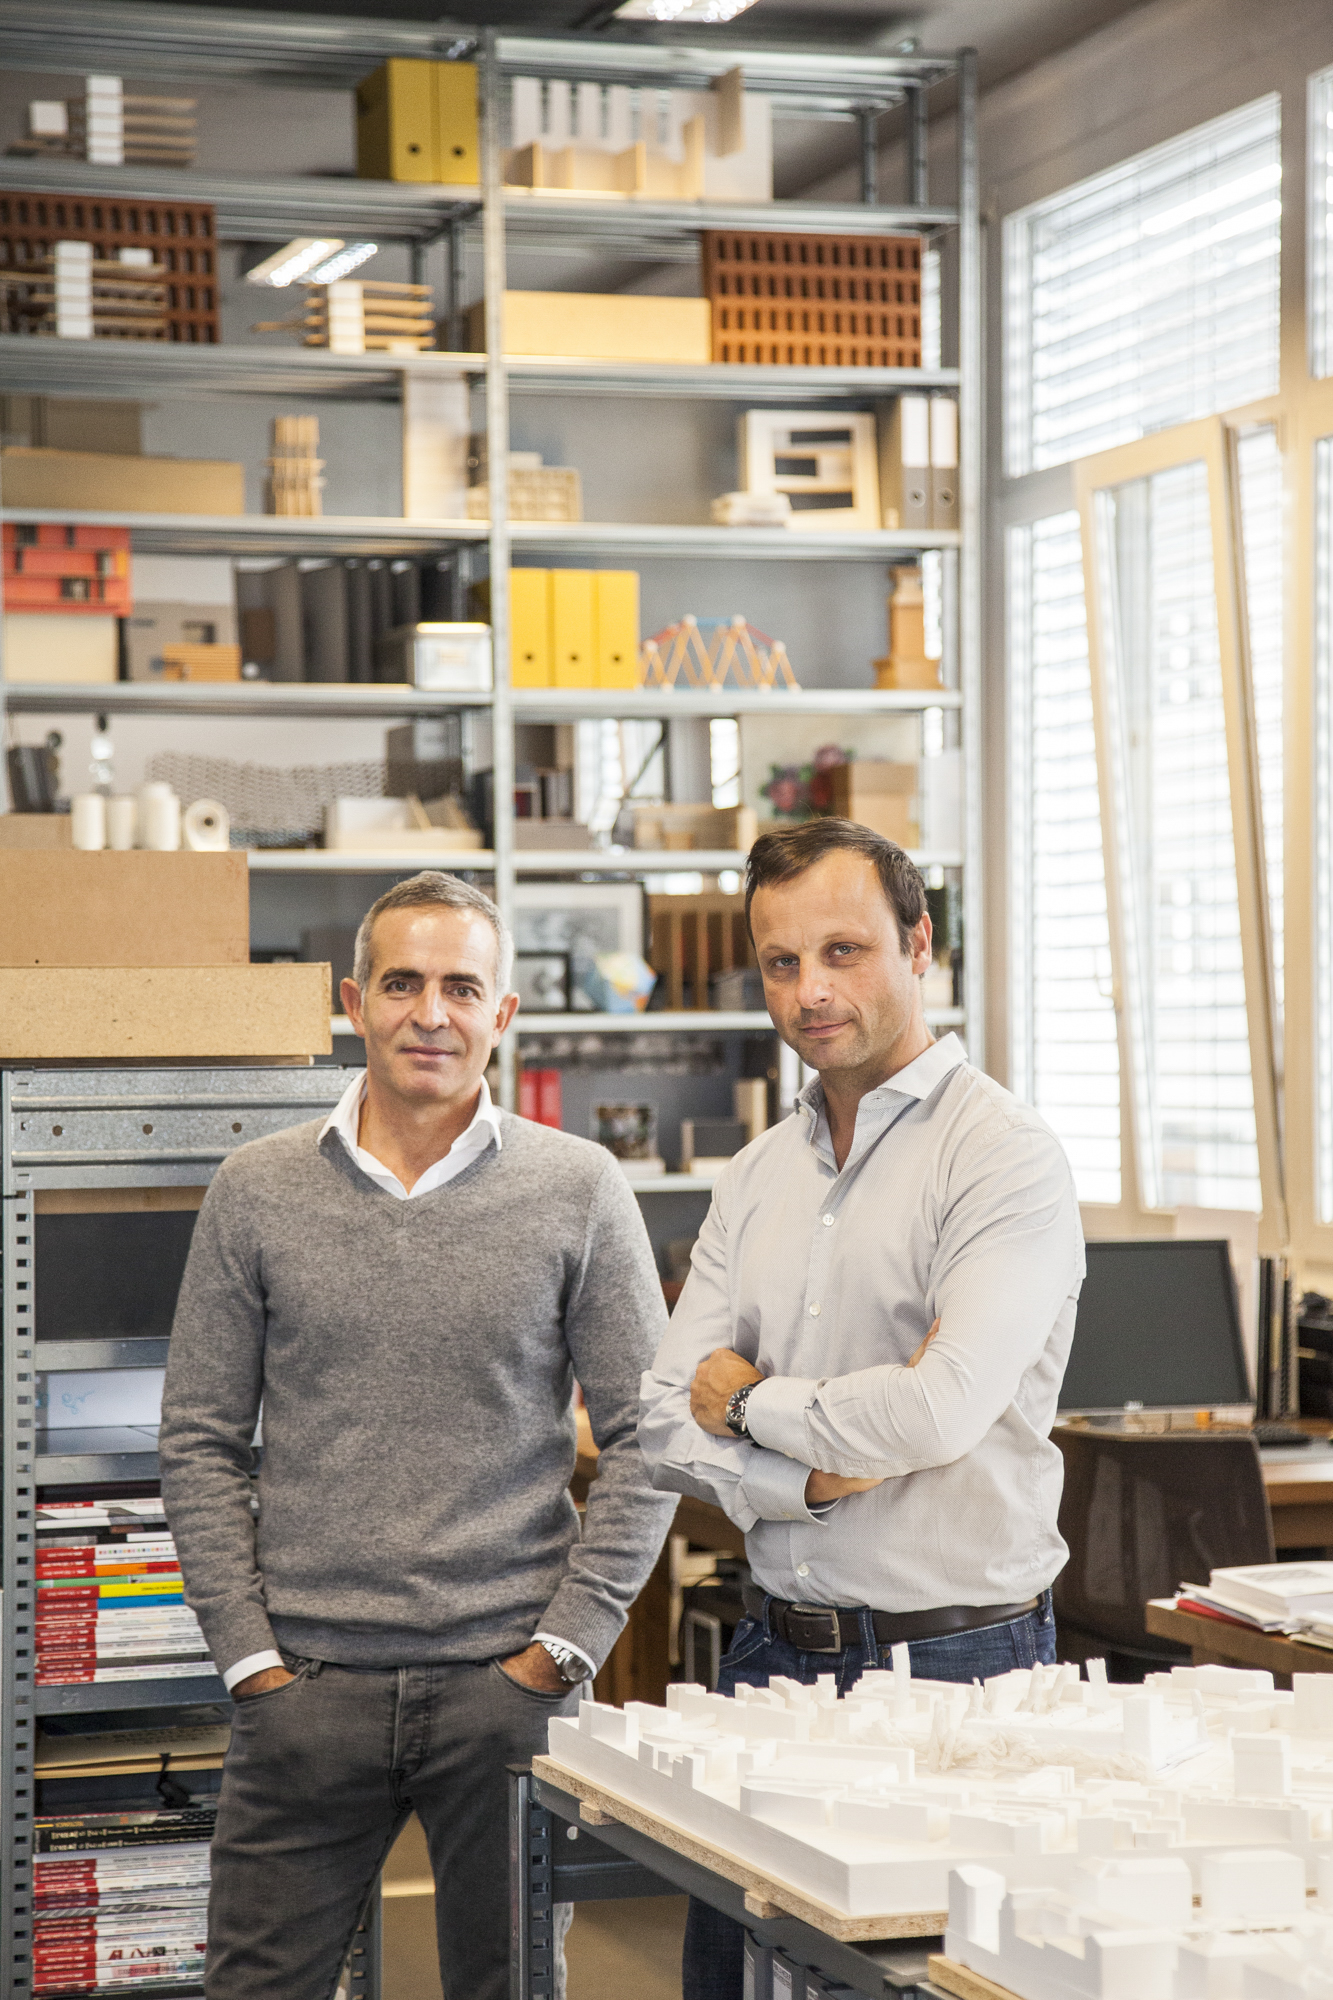 Amaldi&Neder, Architectes